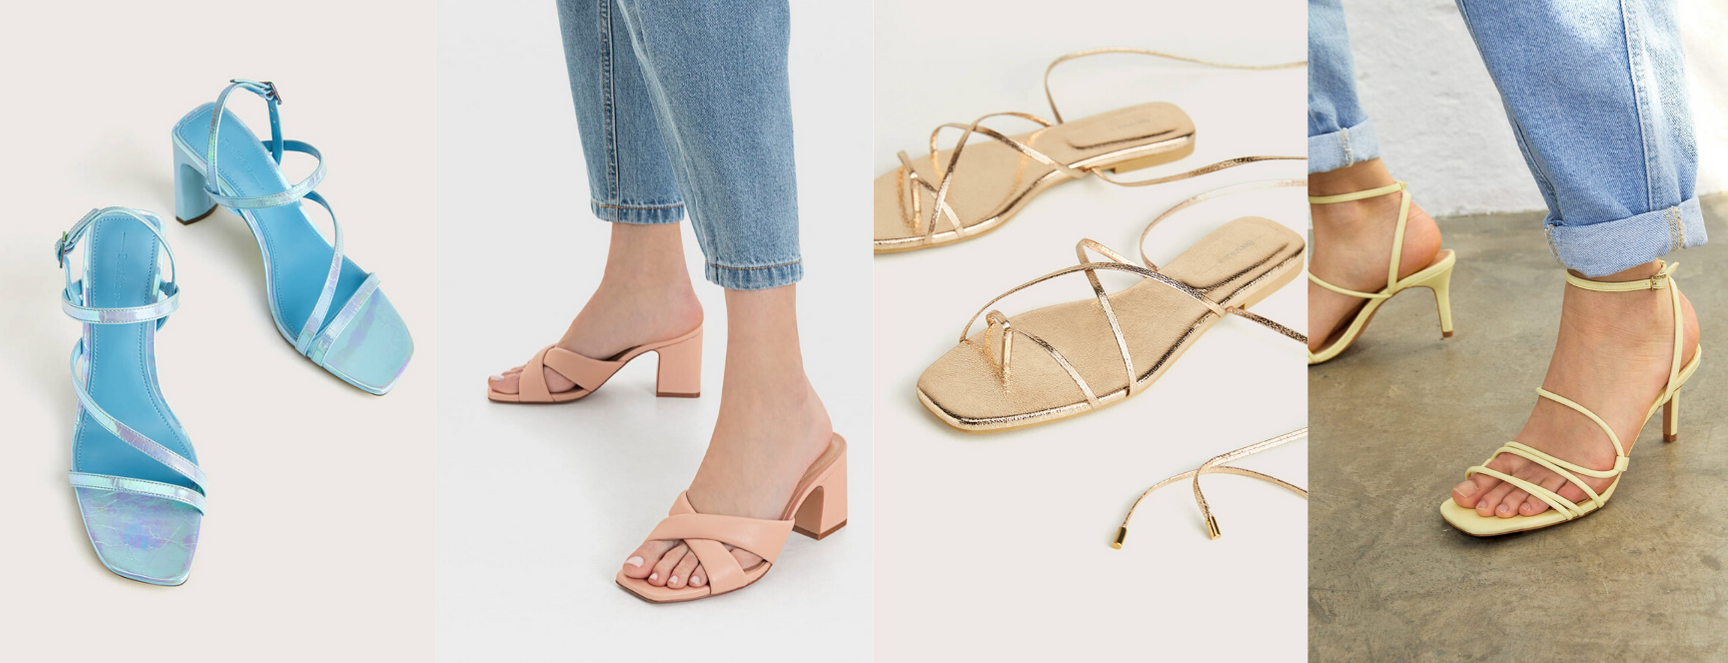 Onde Comprar Sandálias Quadradas?